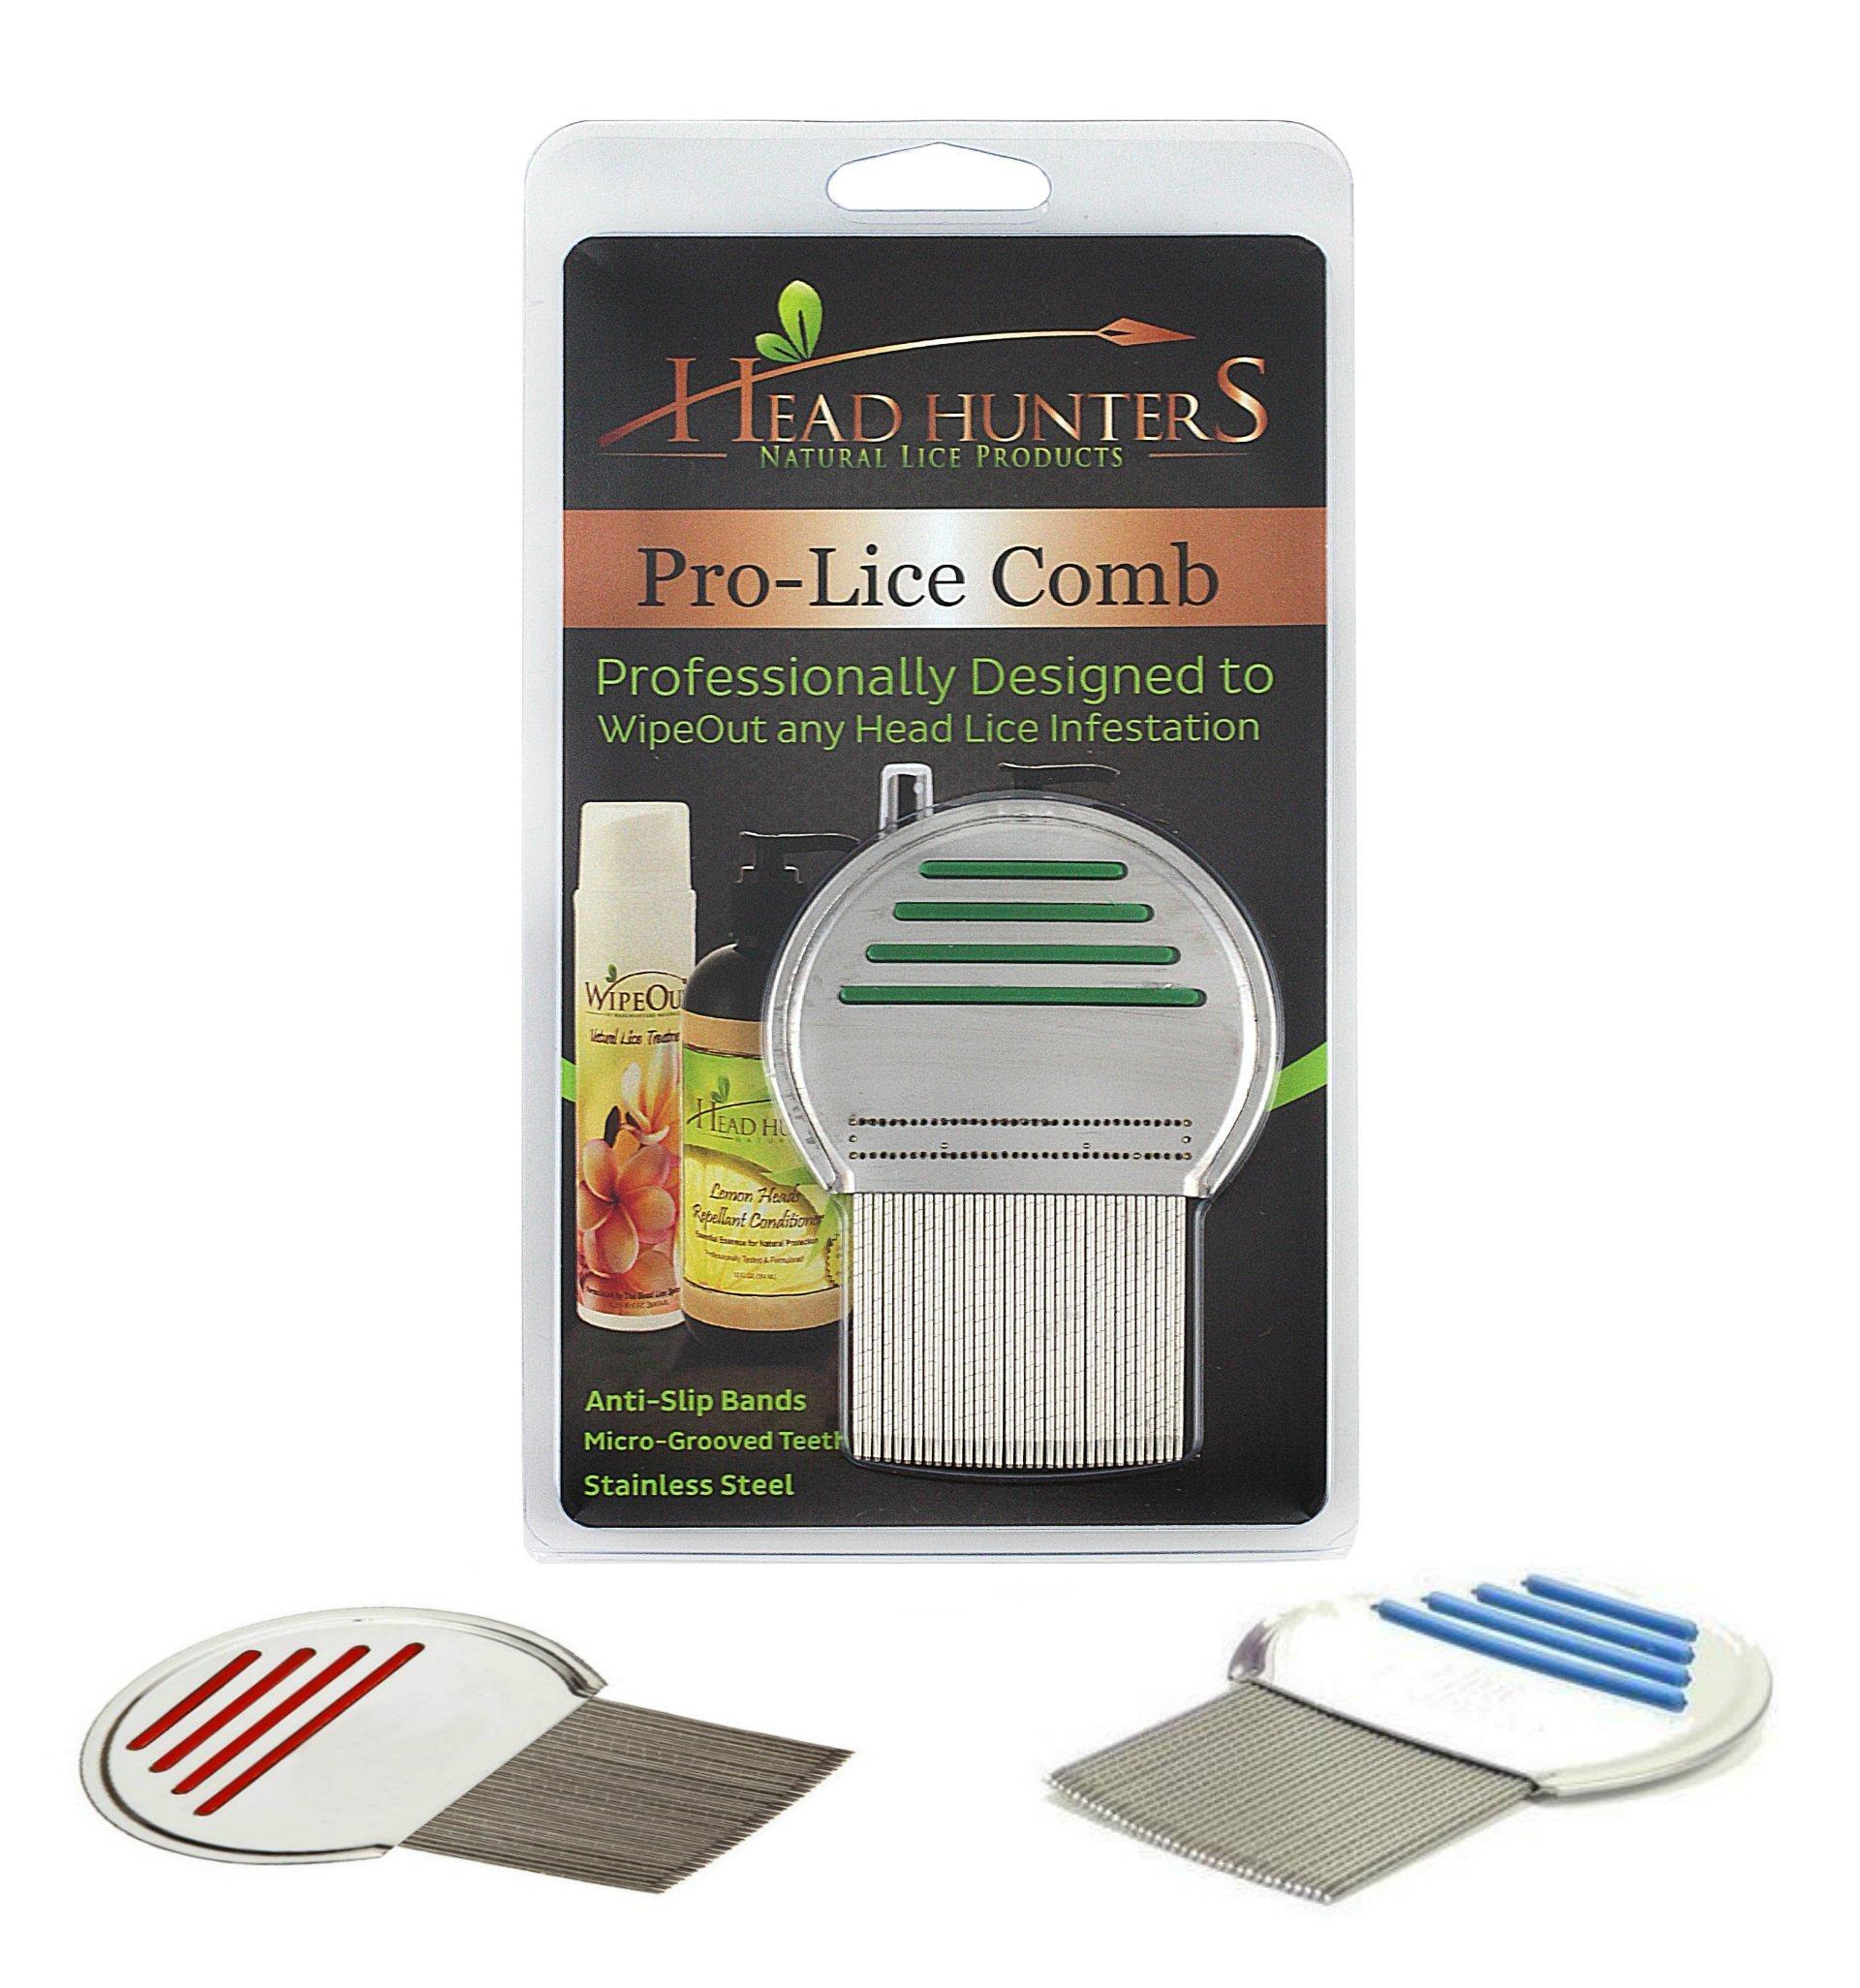 The Best Lice Comb Head Hunters Naturals Pro-Lice Treatment Comb